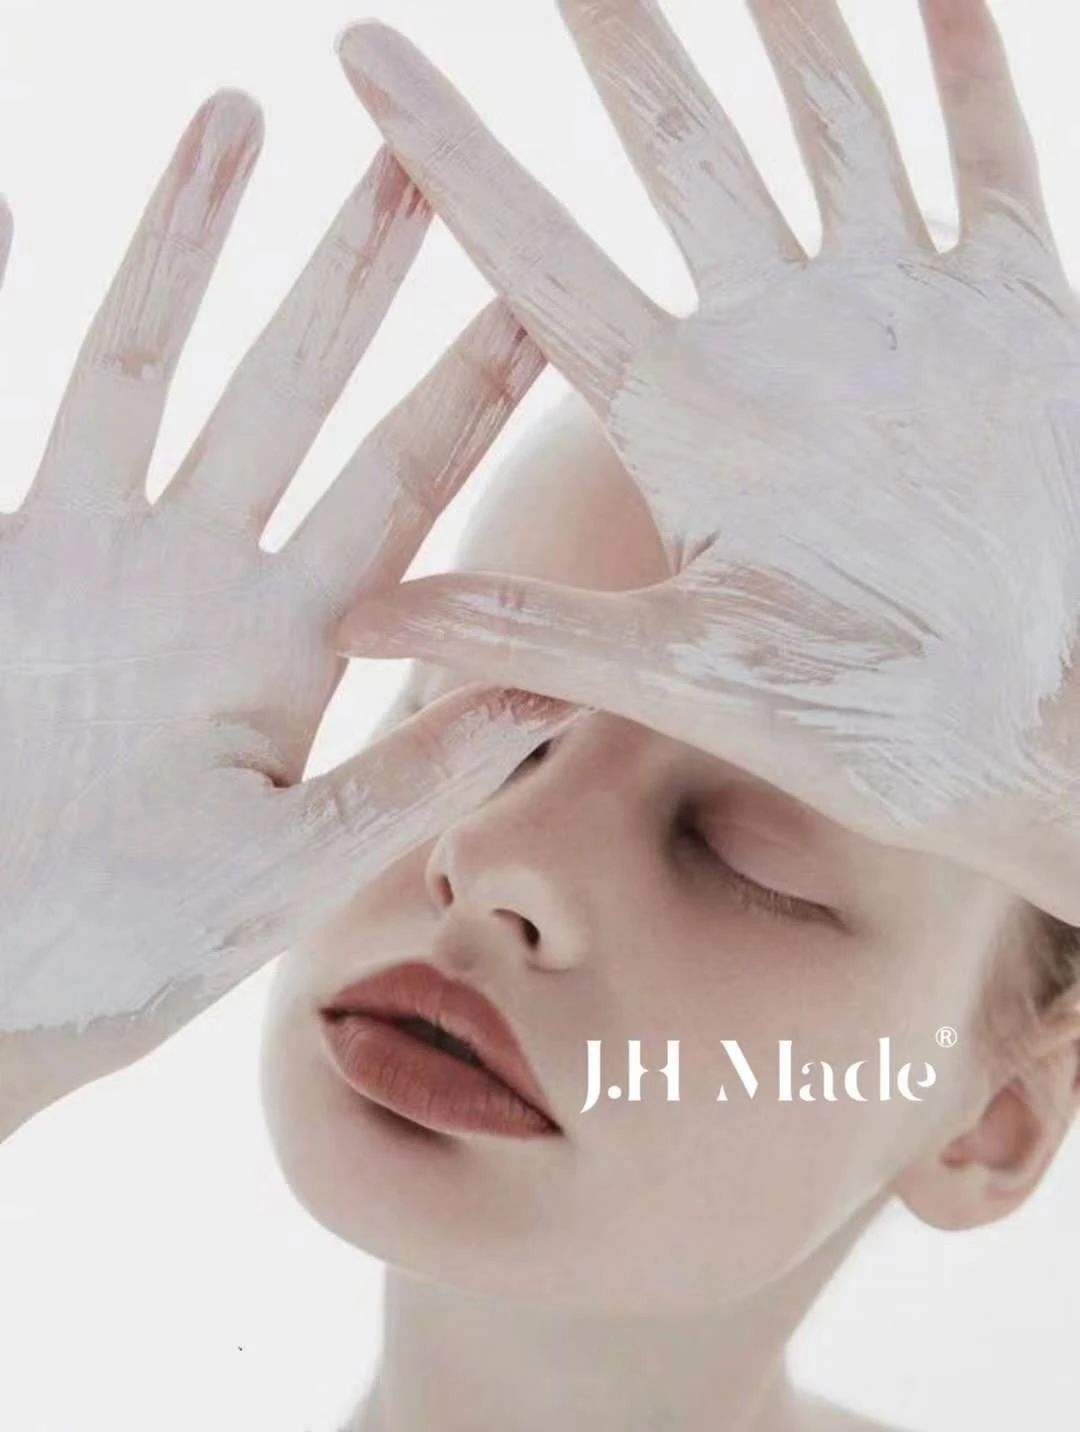 J.H Made × Hellolink   高端院线医美冻干粉产品包装设计